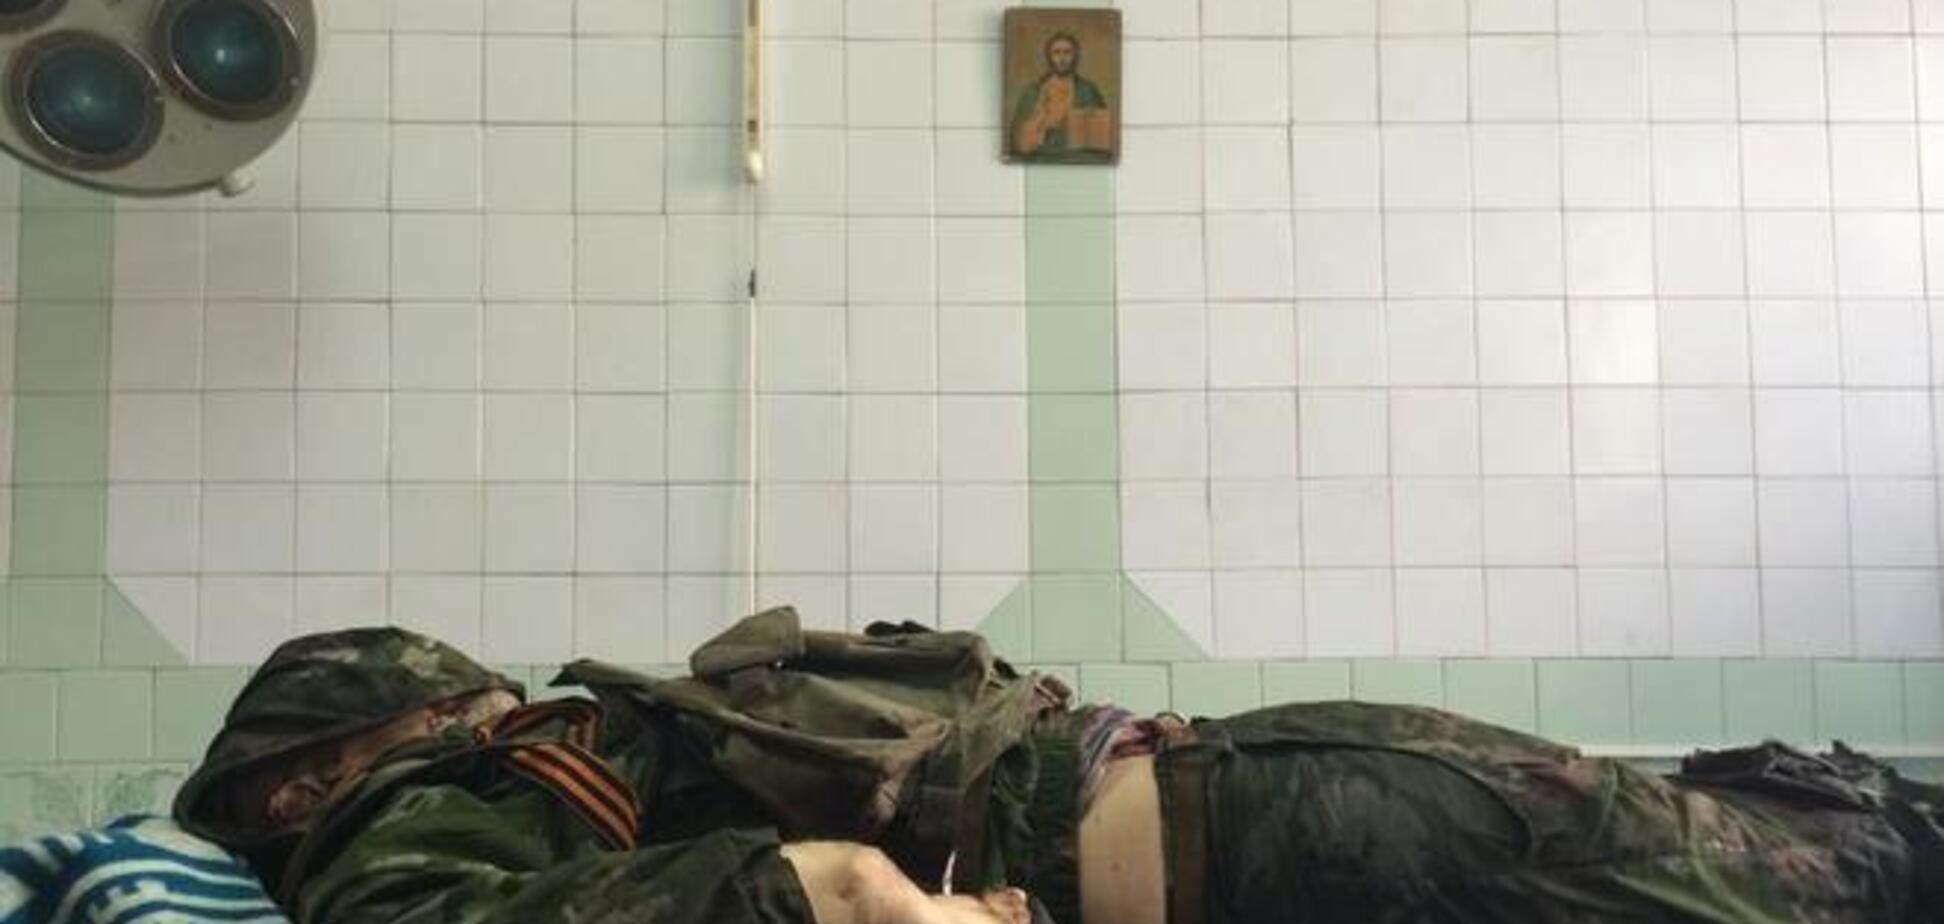 В Снежном найден кавказец с простреленной головой, а в Артемовске - два обезглавленных трупа - СМИ